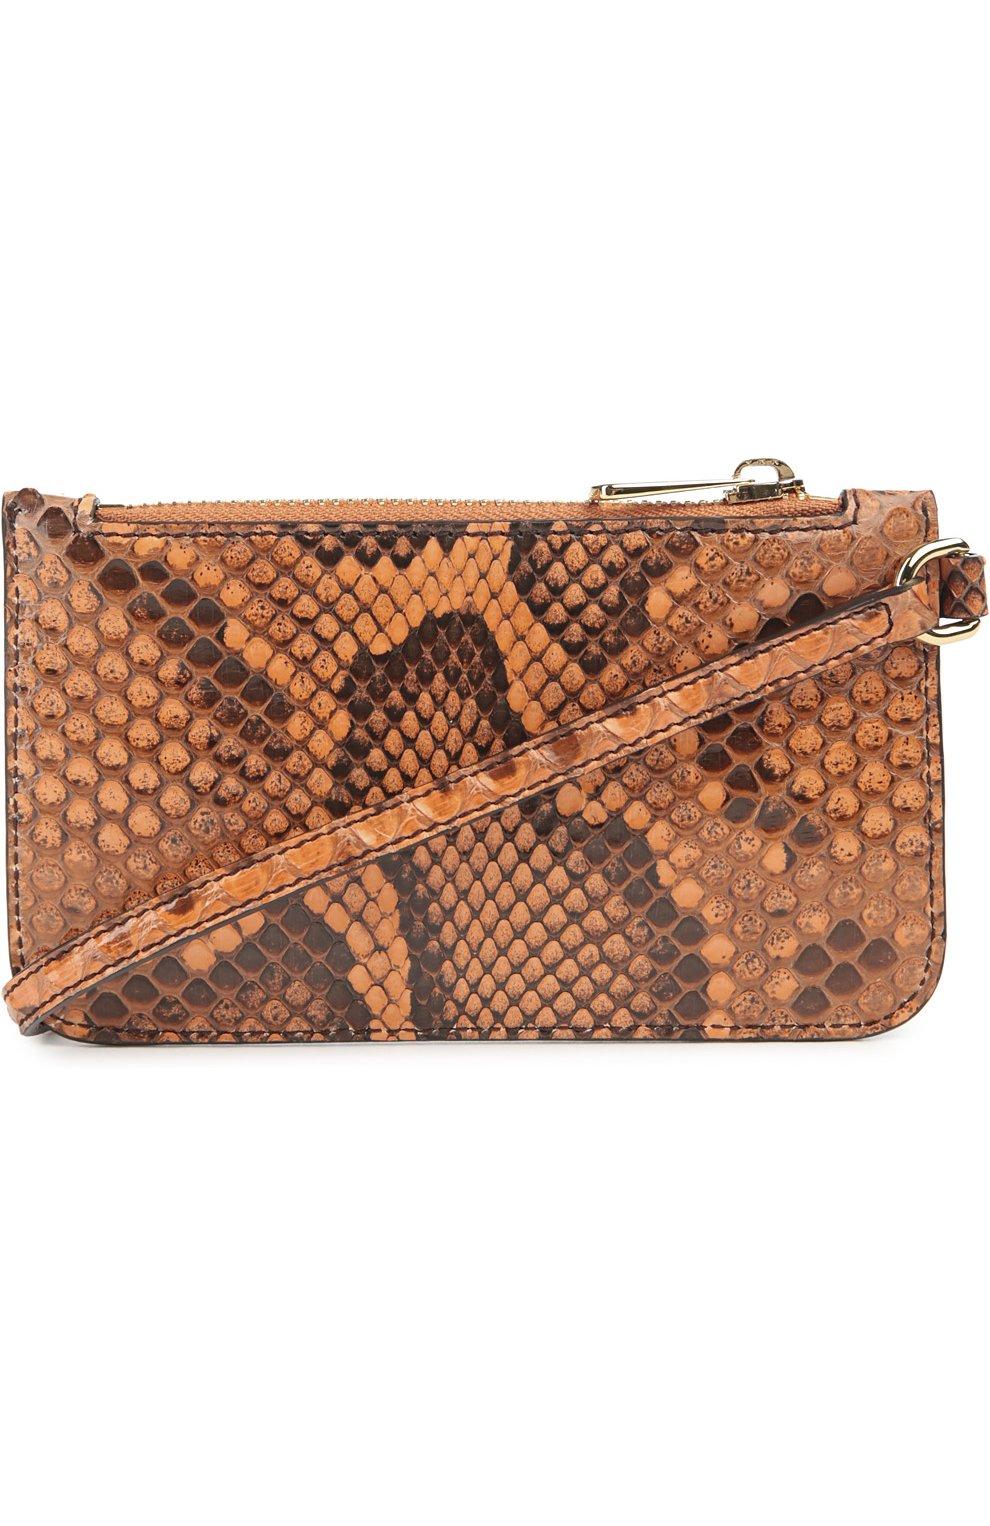 Плетеная сумка-корзинка Agnese с аксессуарами из кожи питона и игуаны Dolce & Gabbana разноцветная цвета | Фото №4